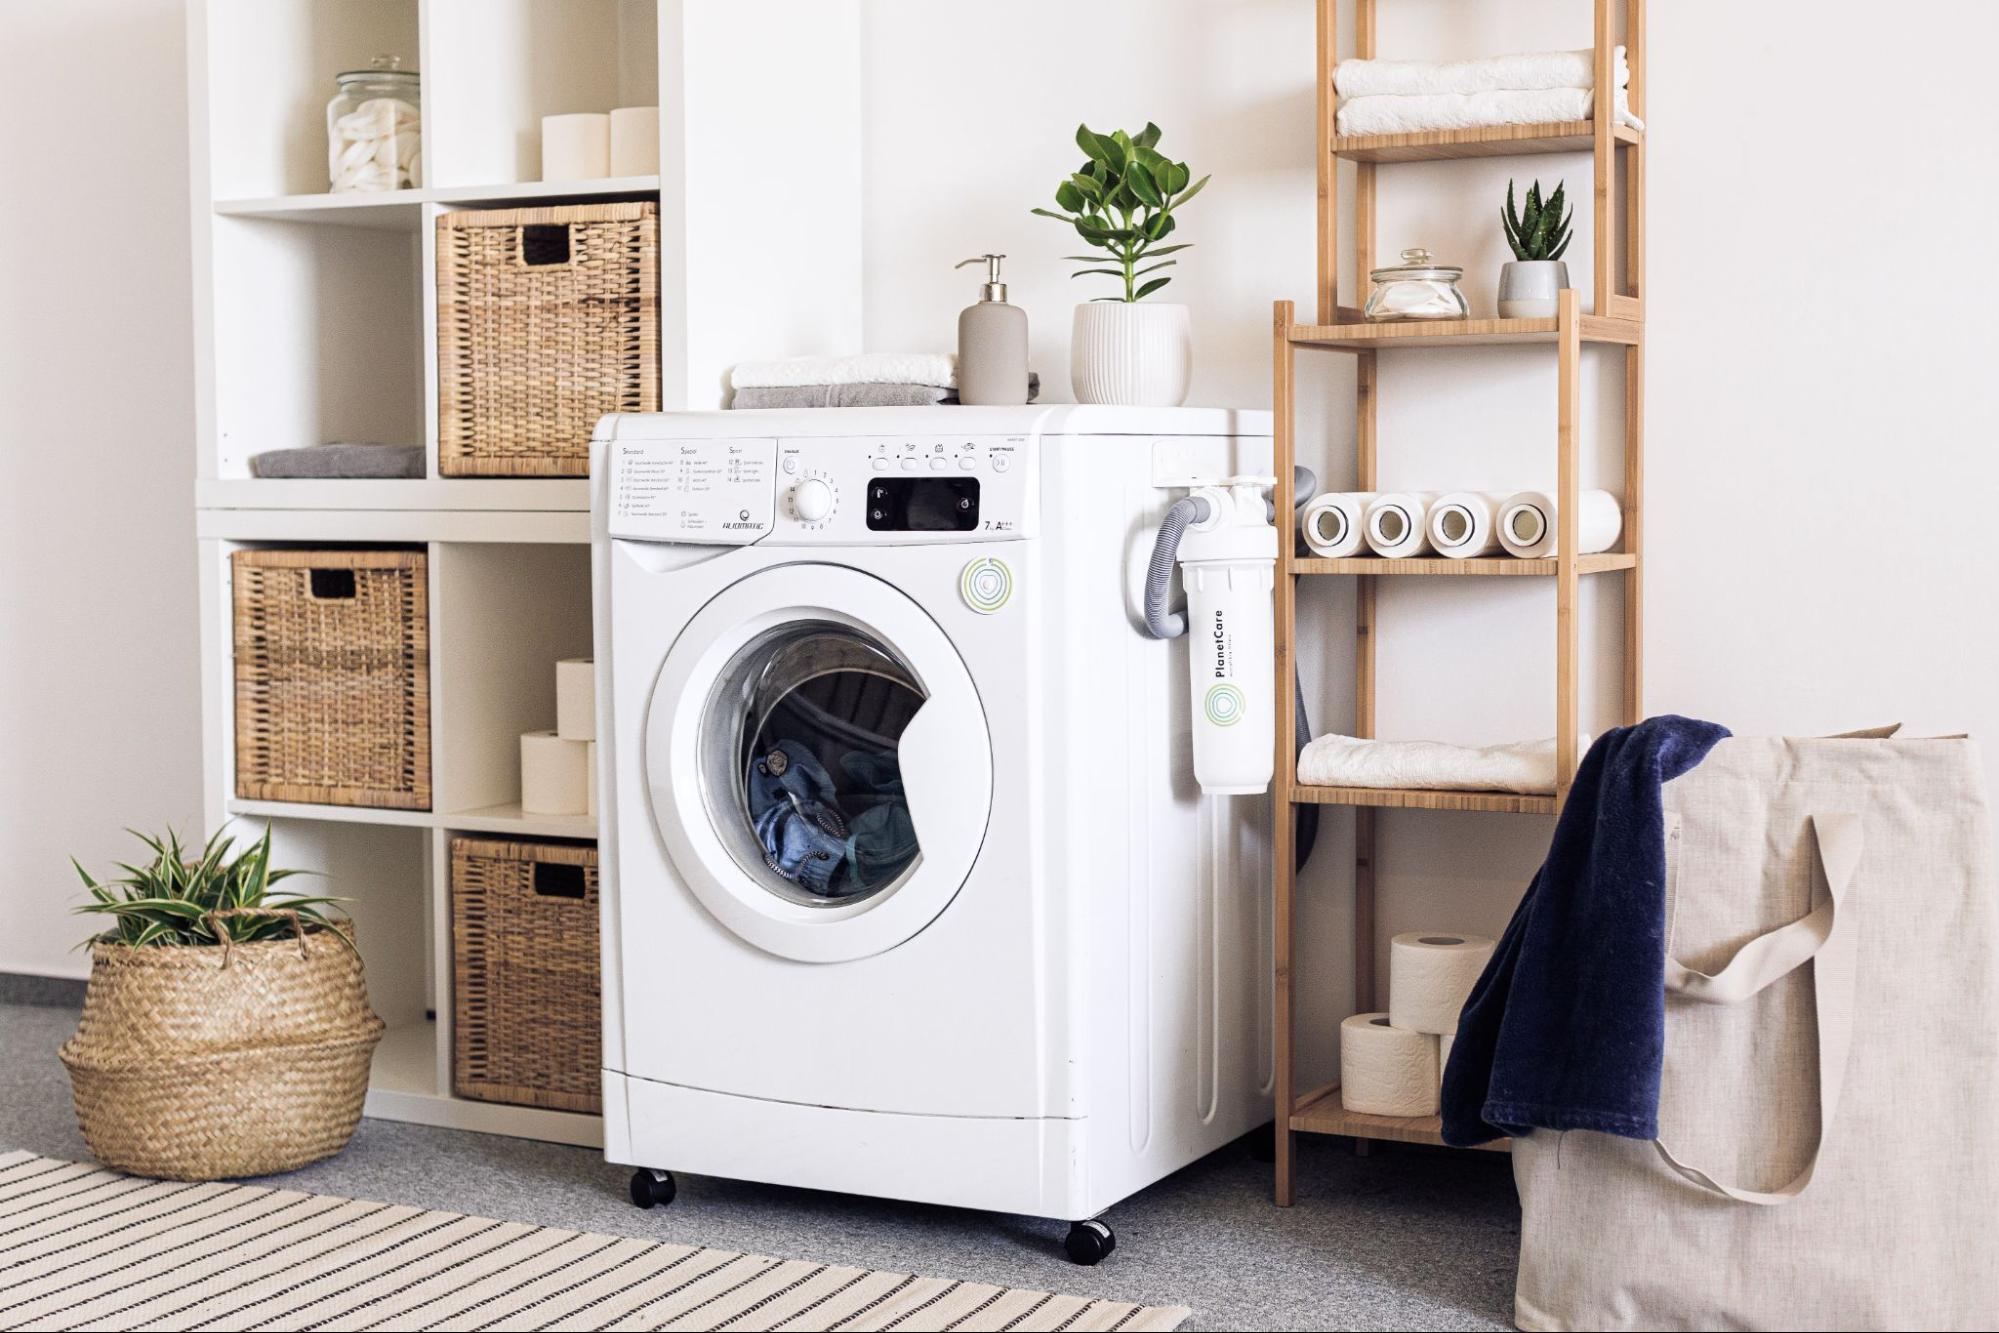 ランドリールームを作るなら「乾太くん」がオススメ。家づくりのプロが設置のメリットや注意点を解説